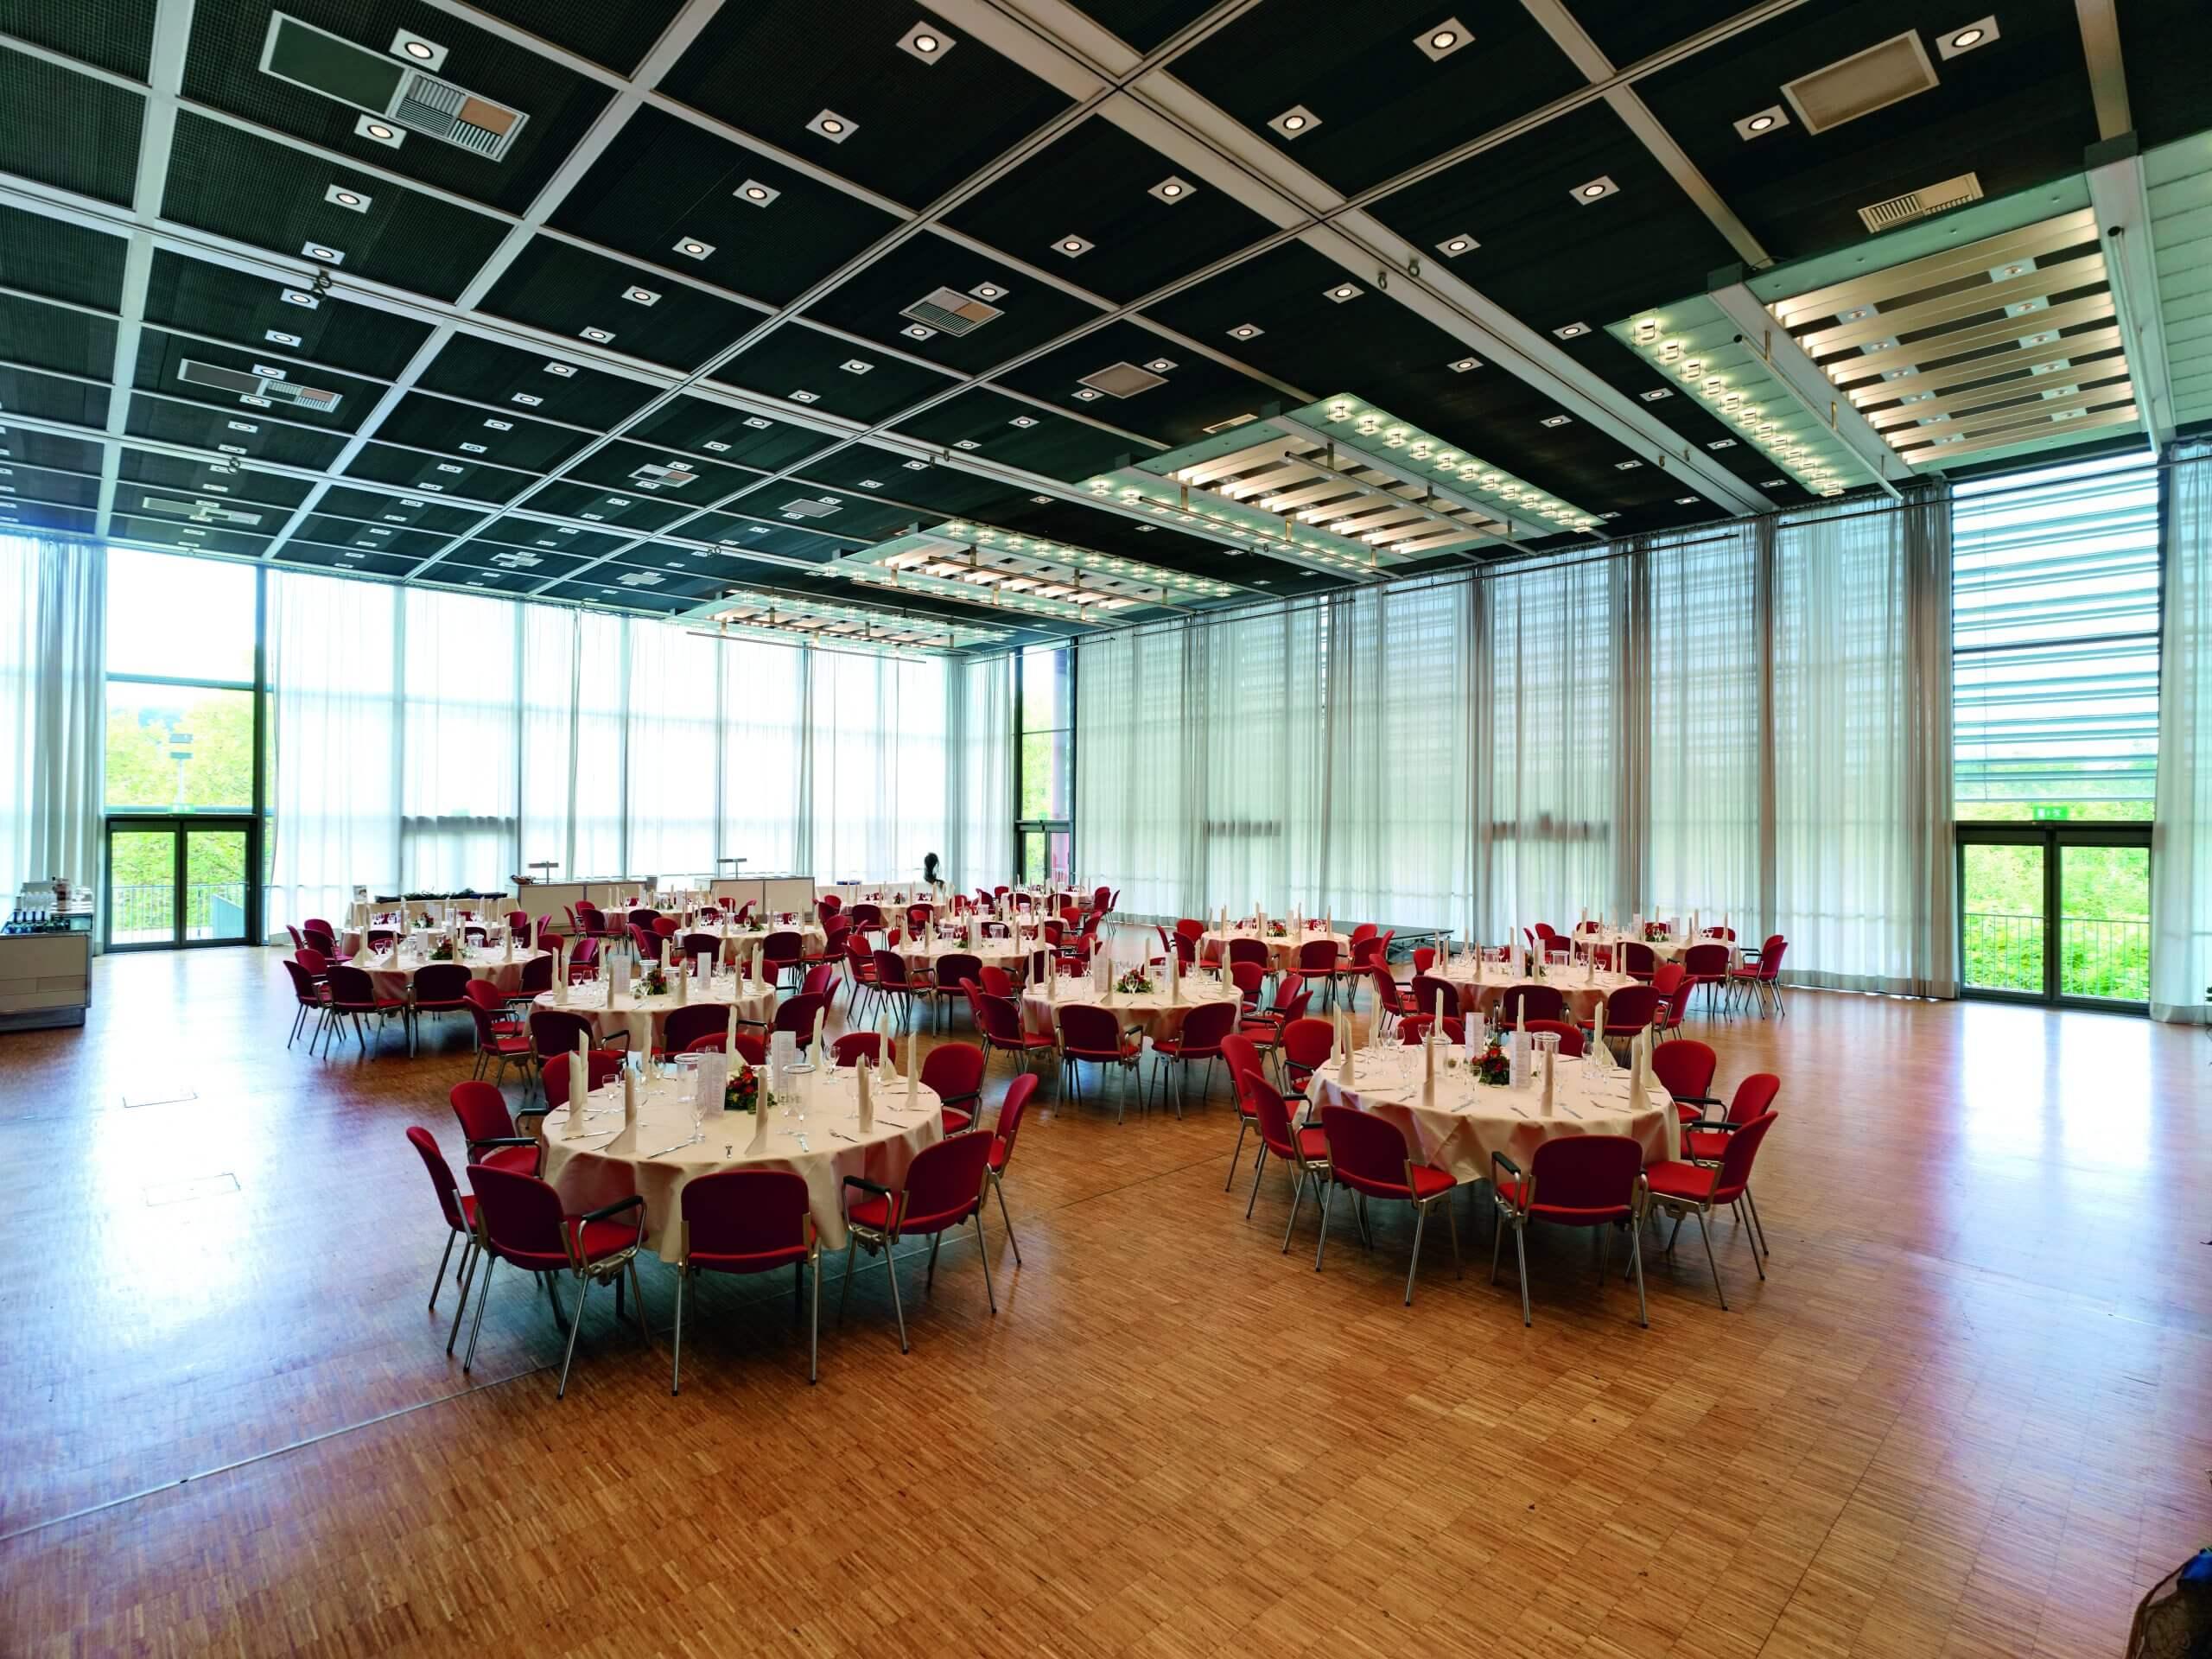 Saal West Variante Süd gross in der Congresshalle in Bankettbestuhlung mit runden Tischen und zehn Stuehlen